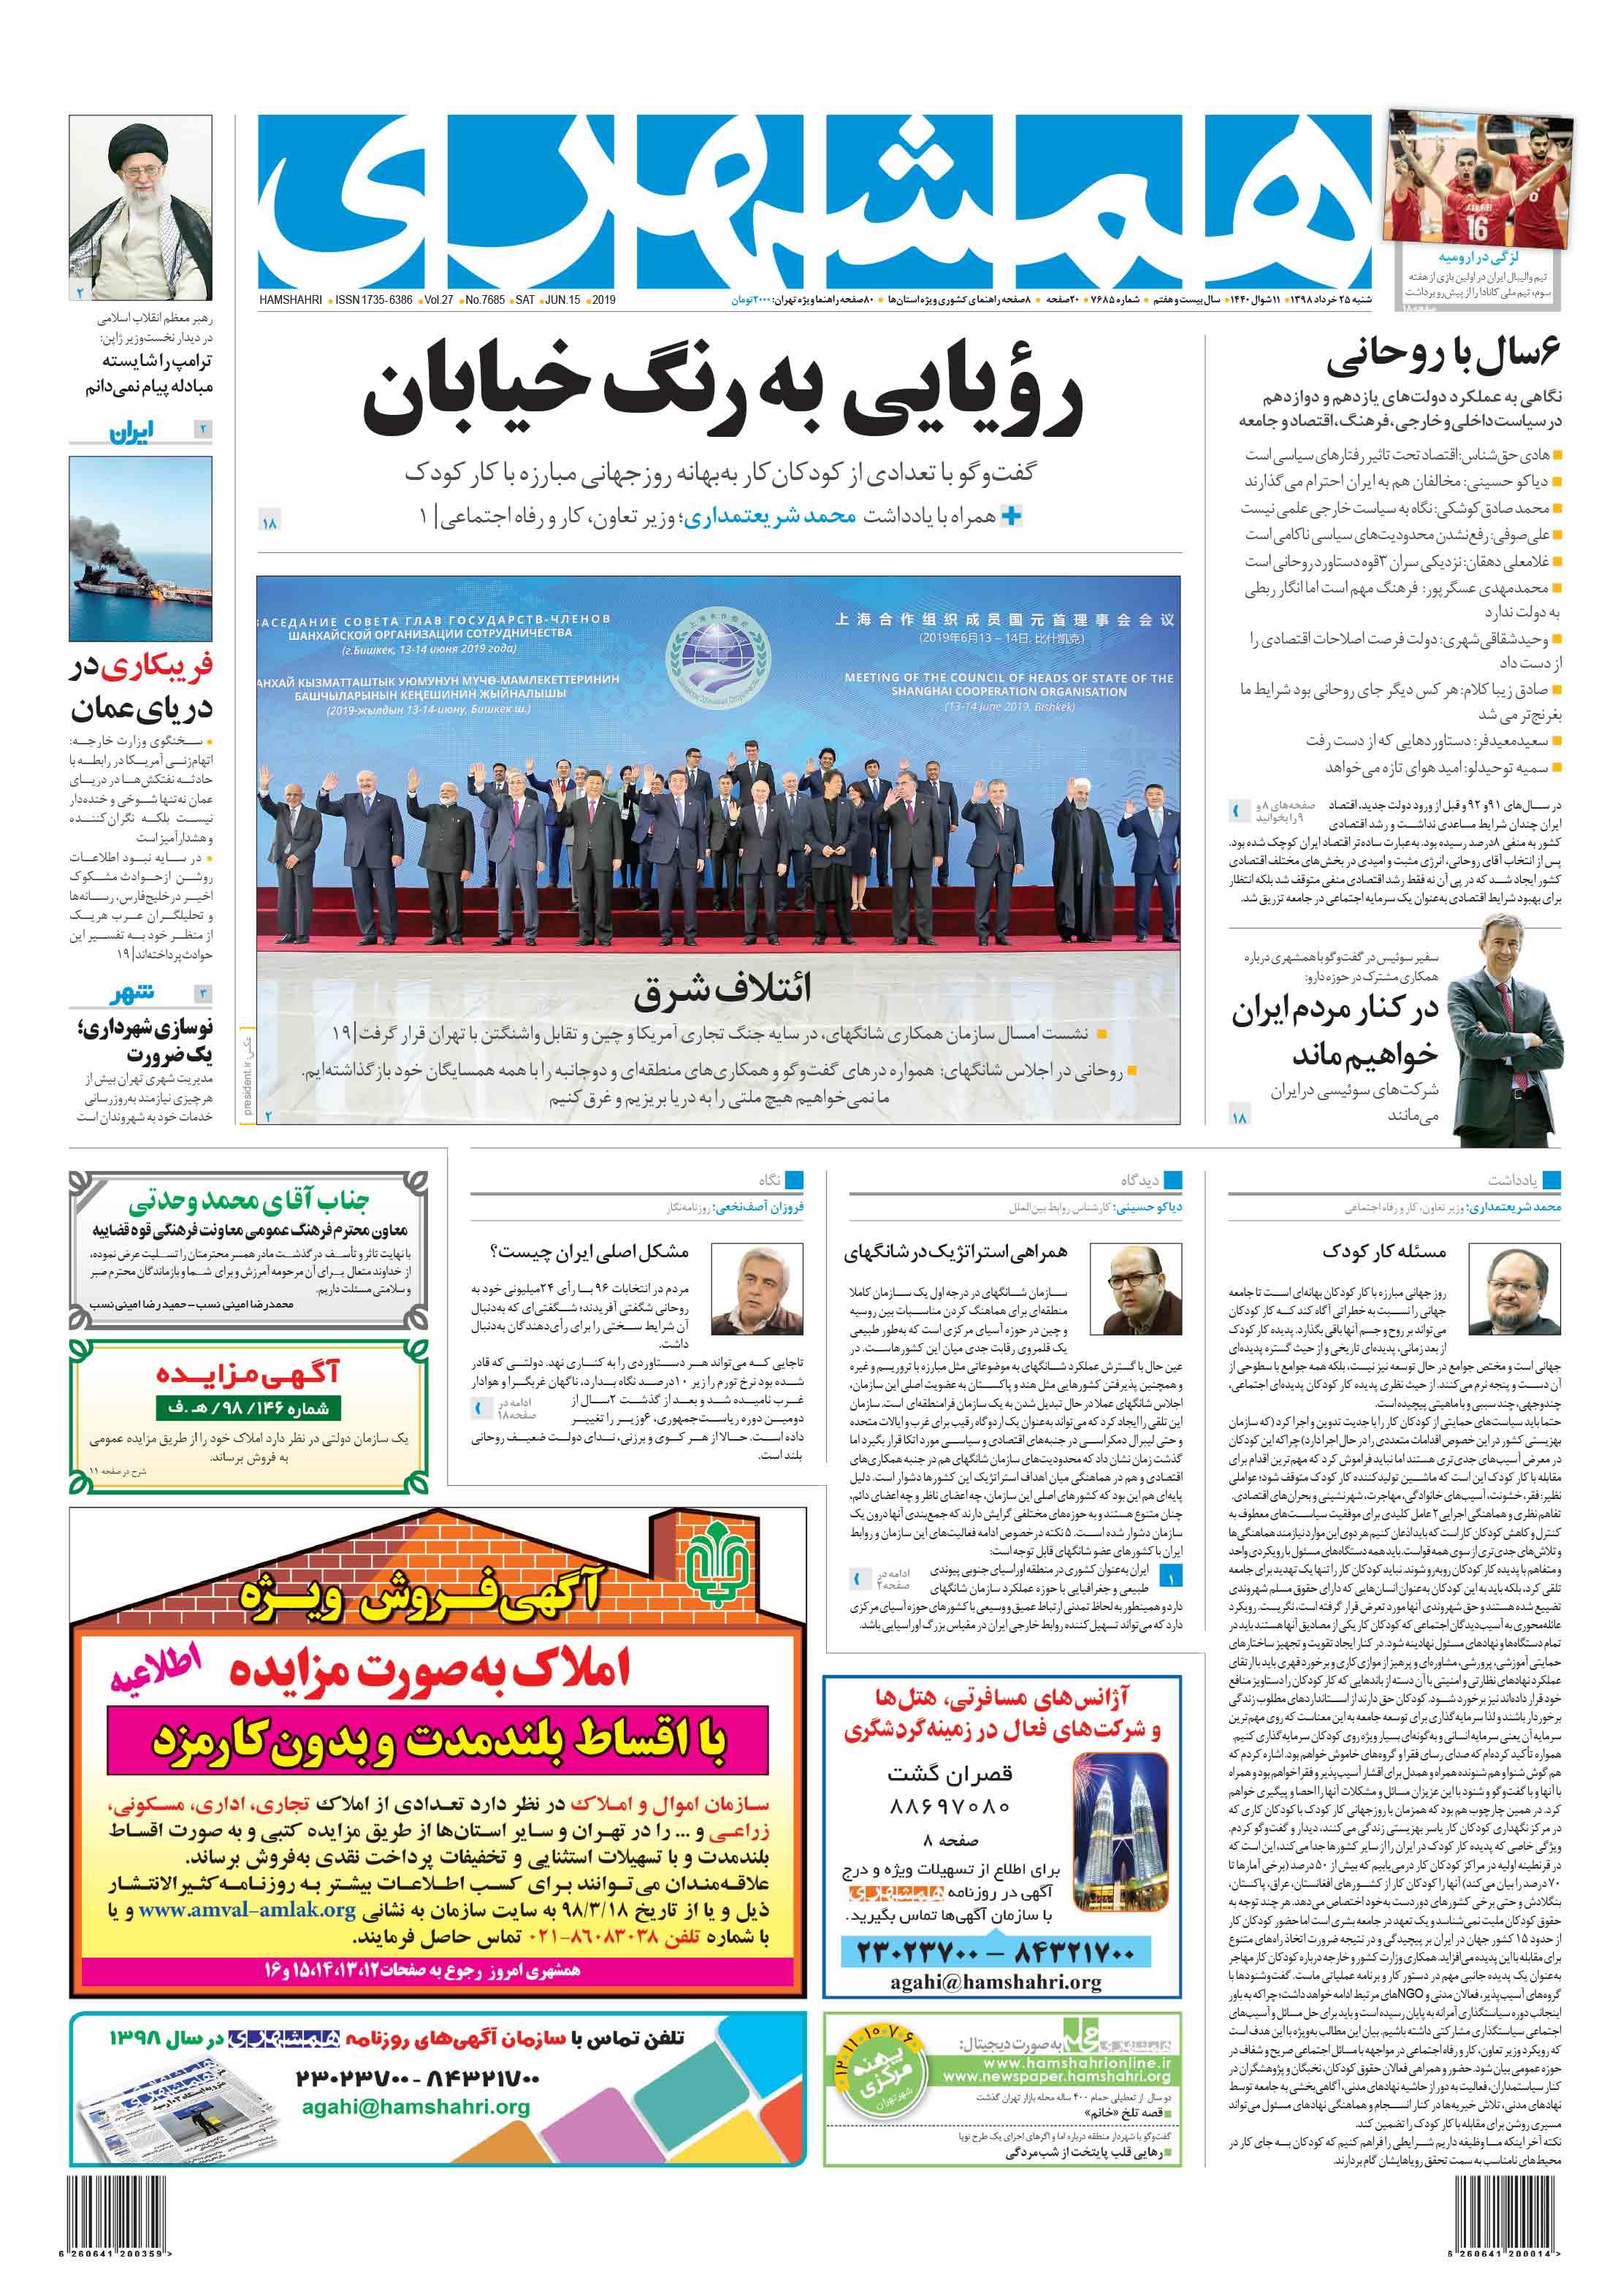 صفحه اول شنبه 25 خرداد 1398